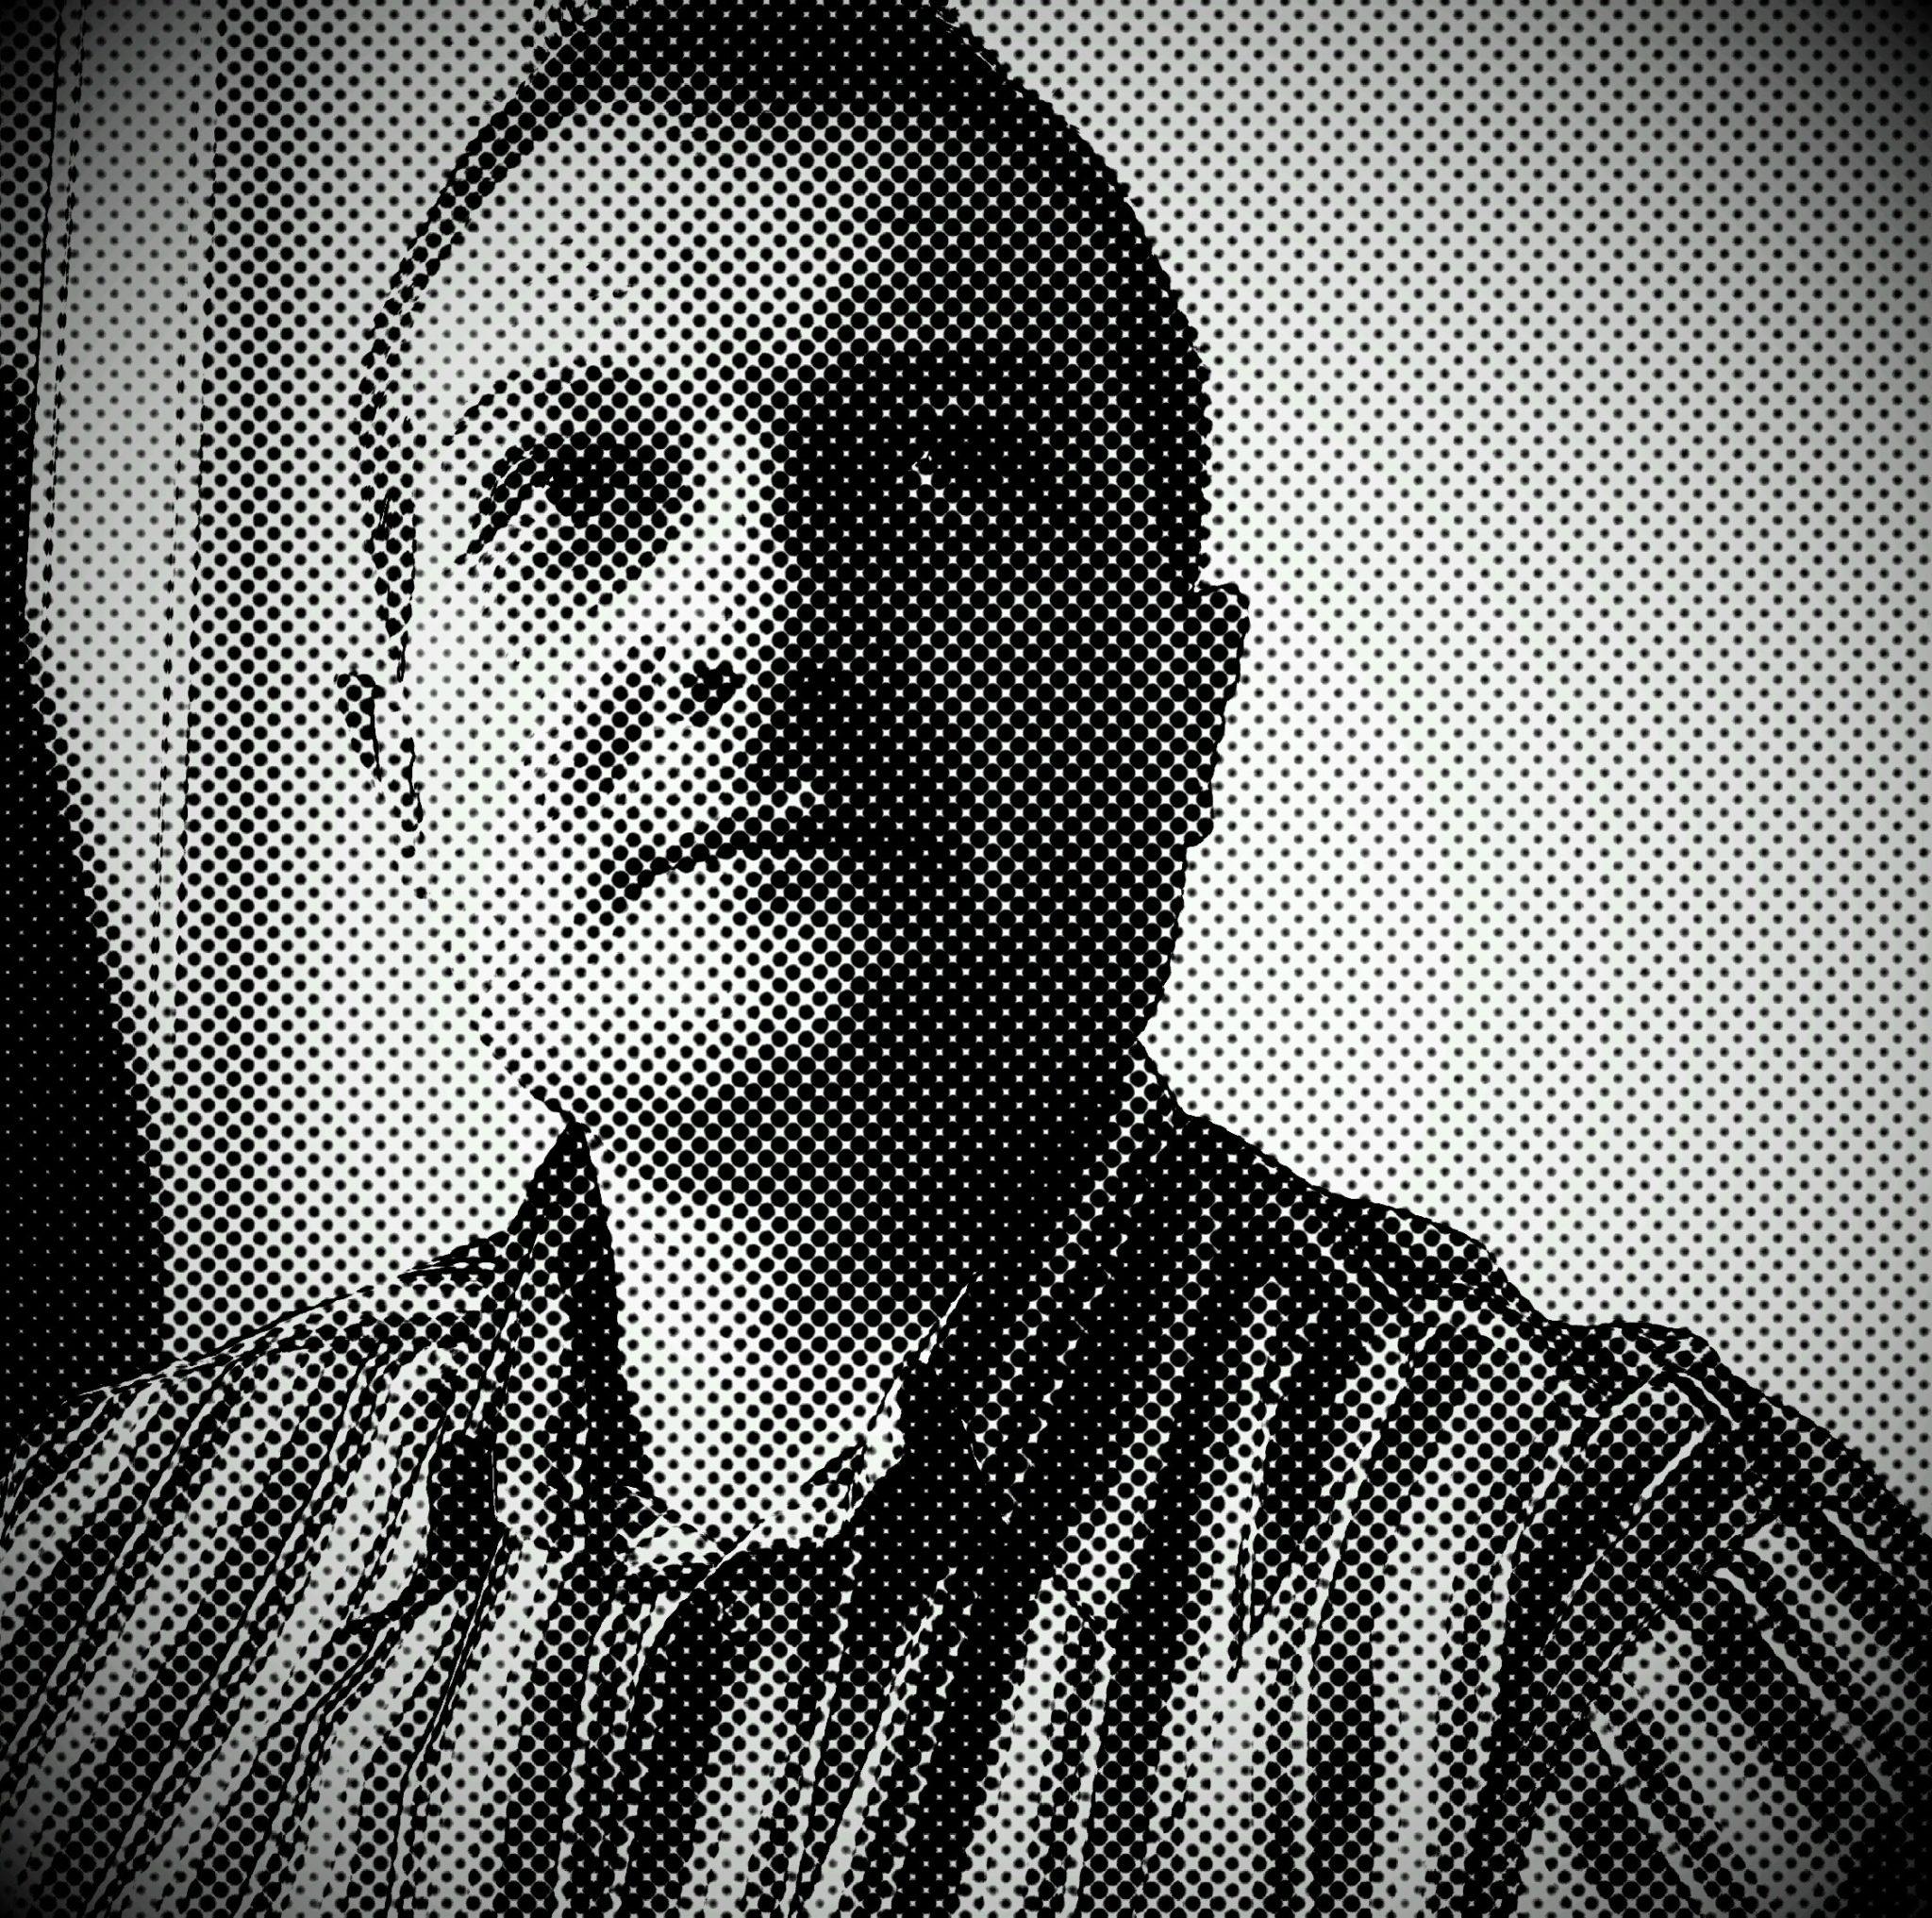 Darko Ivanovic